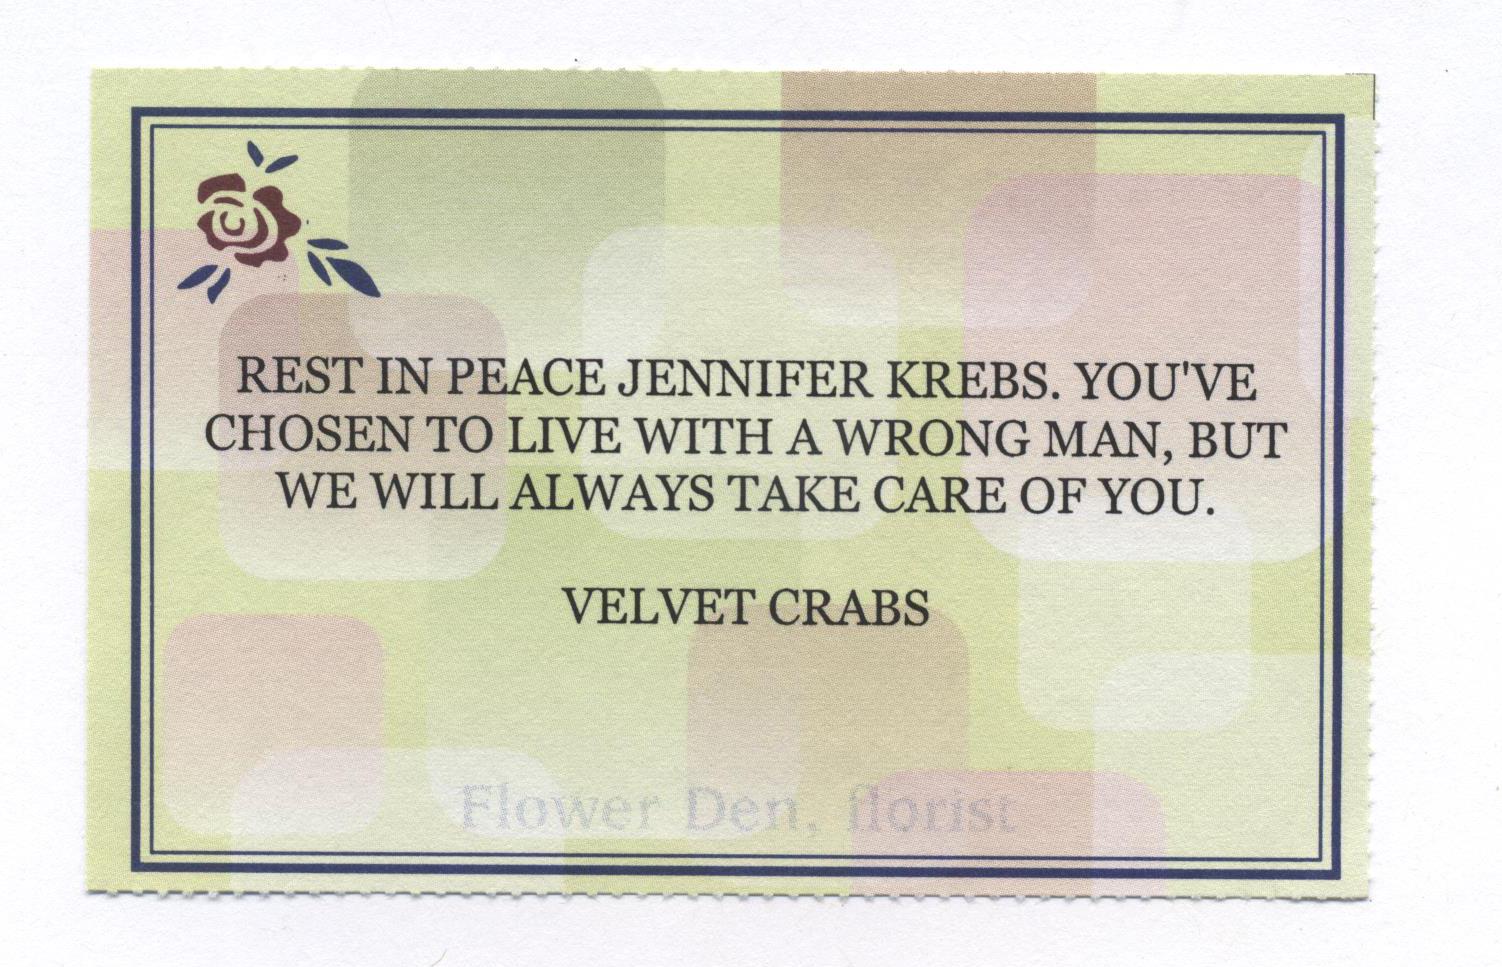 Jennifer Krebs